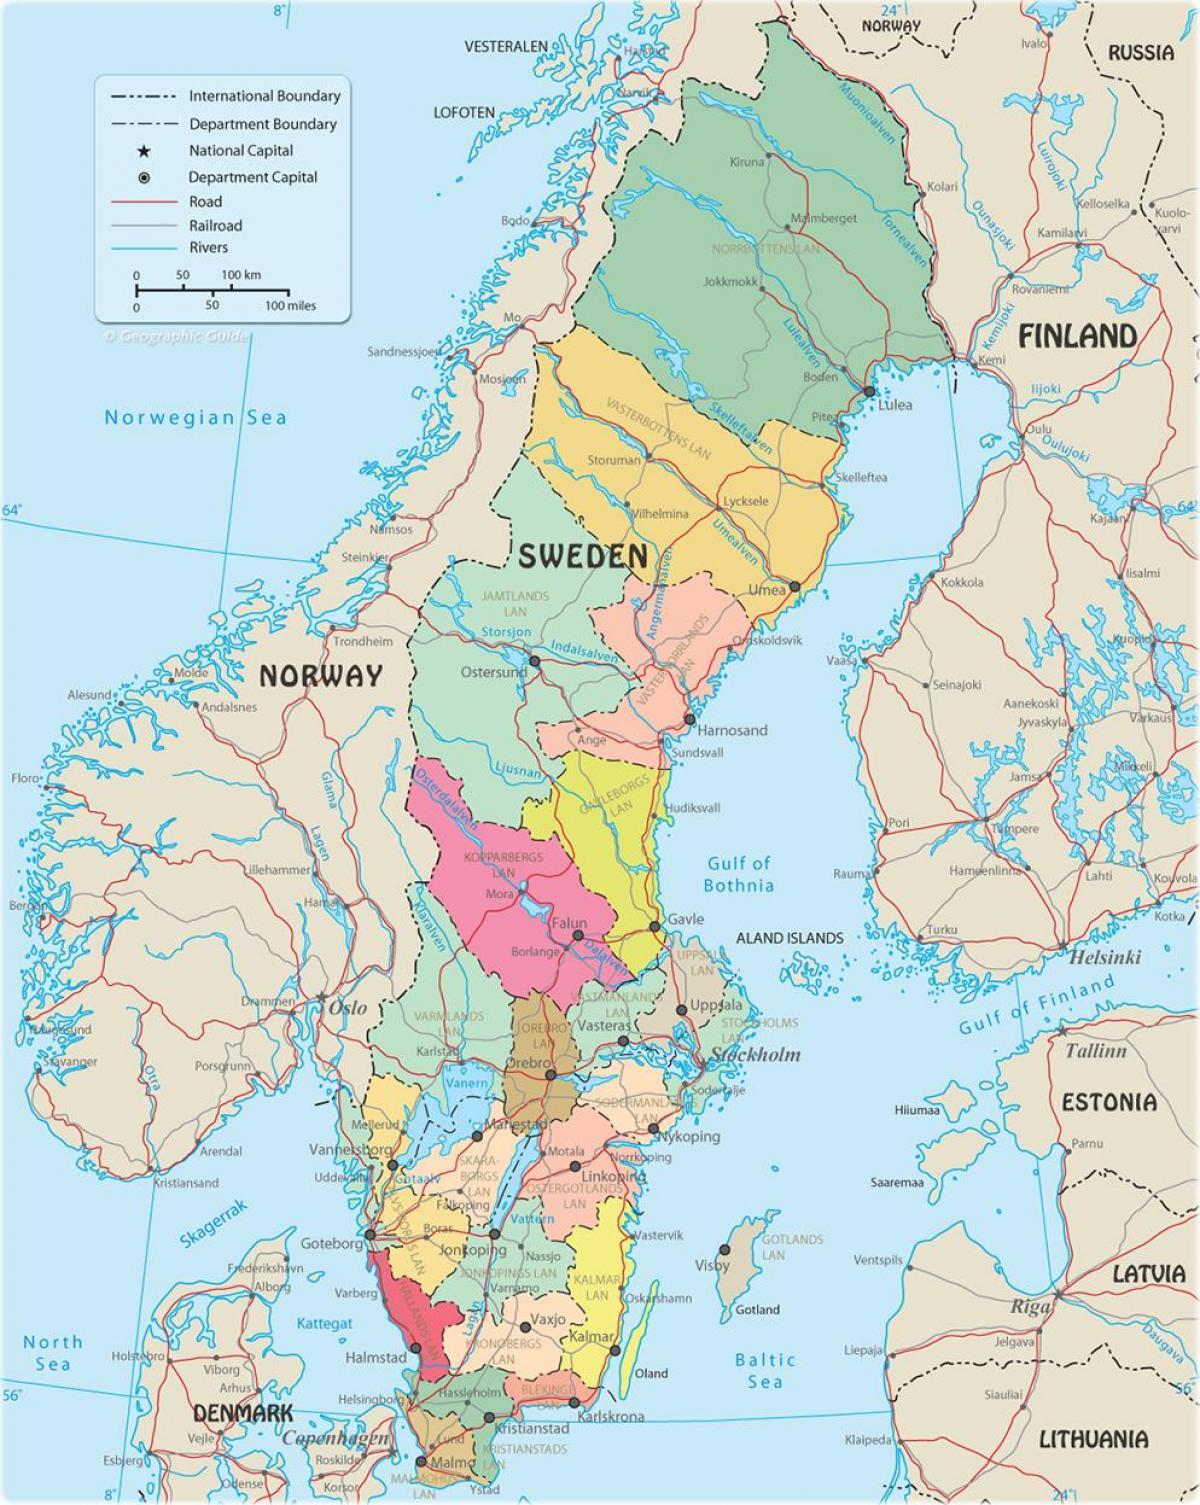 Mapa Politico De Suecia.Suecia Mapa Politico Mapa Politico De Suecia Norte De